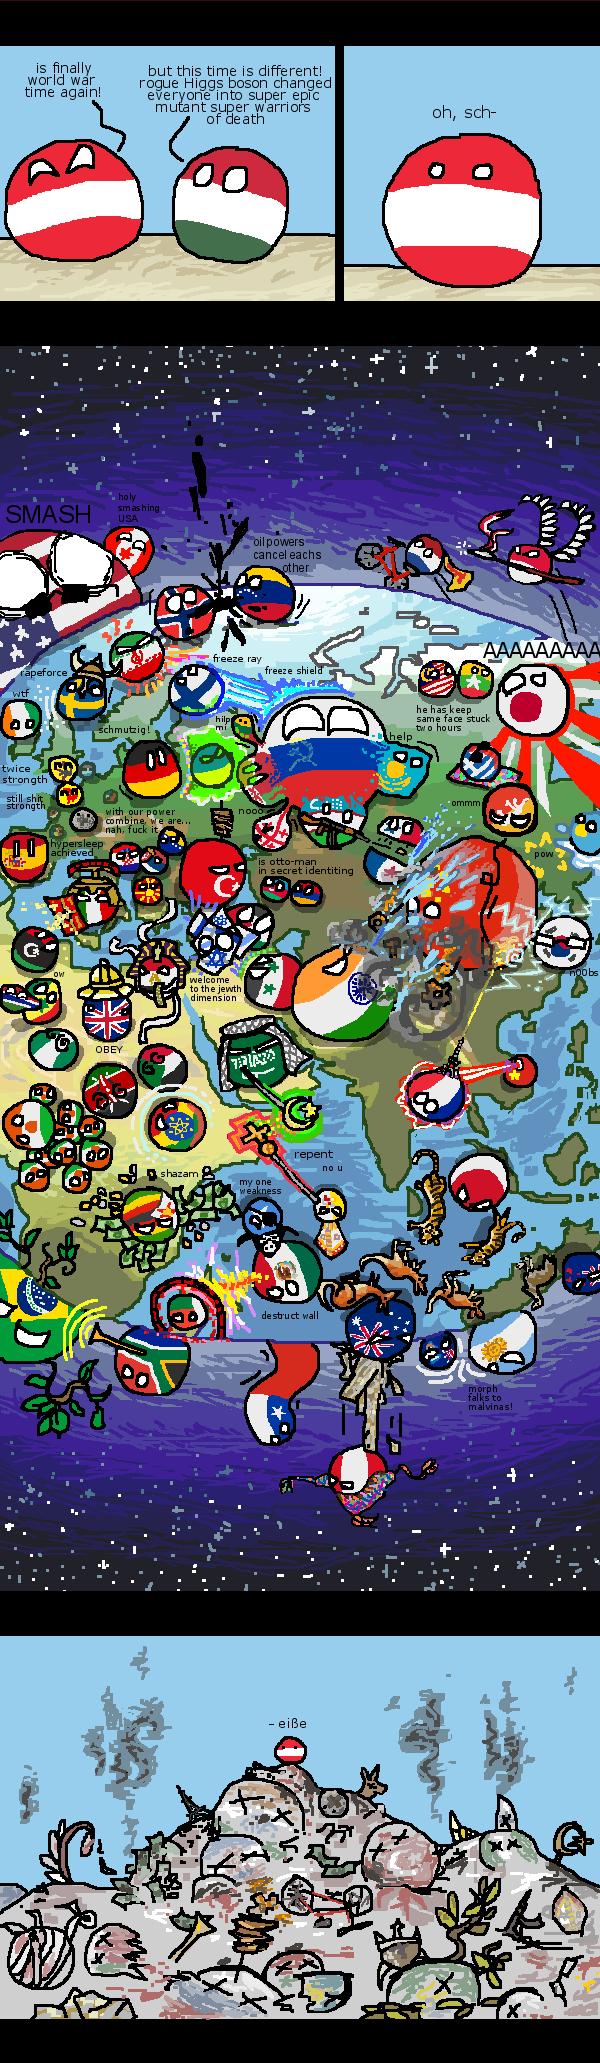 Polandball ww3